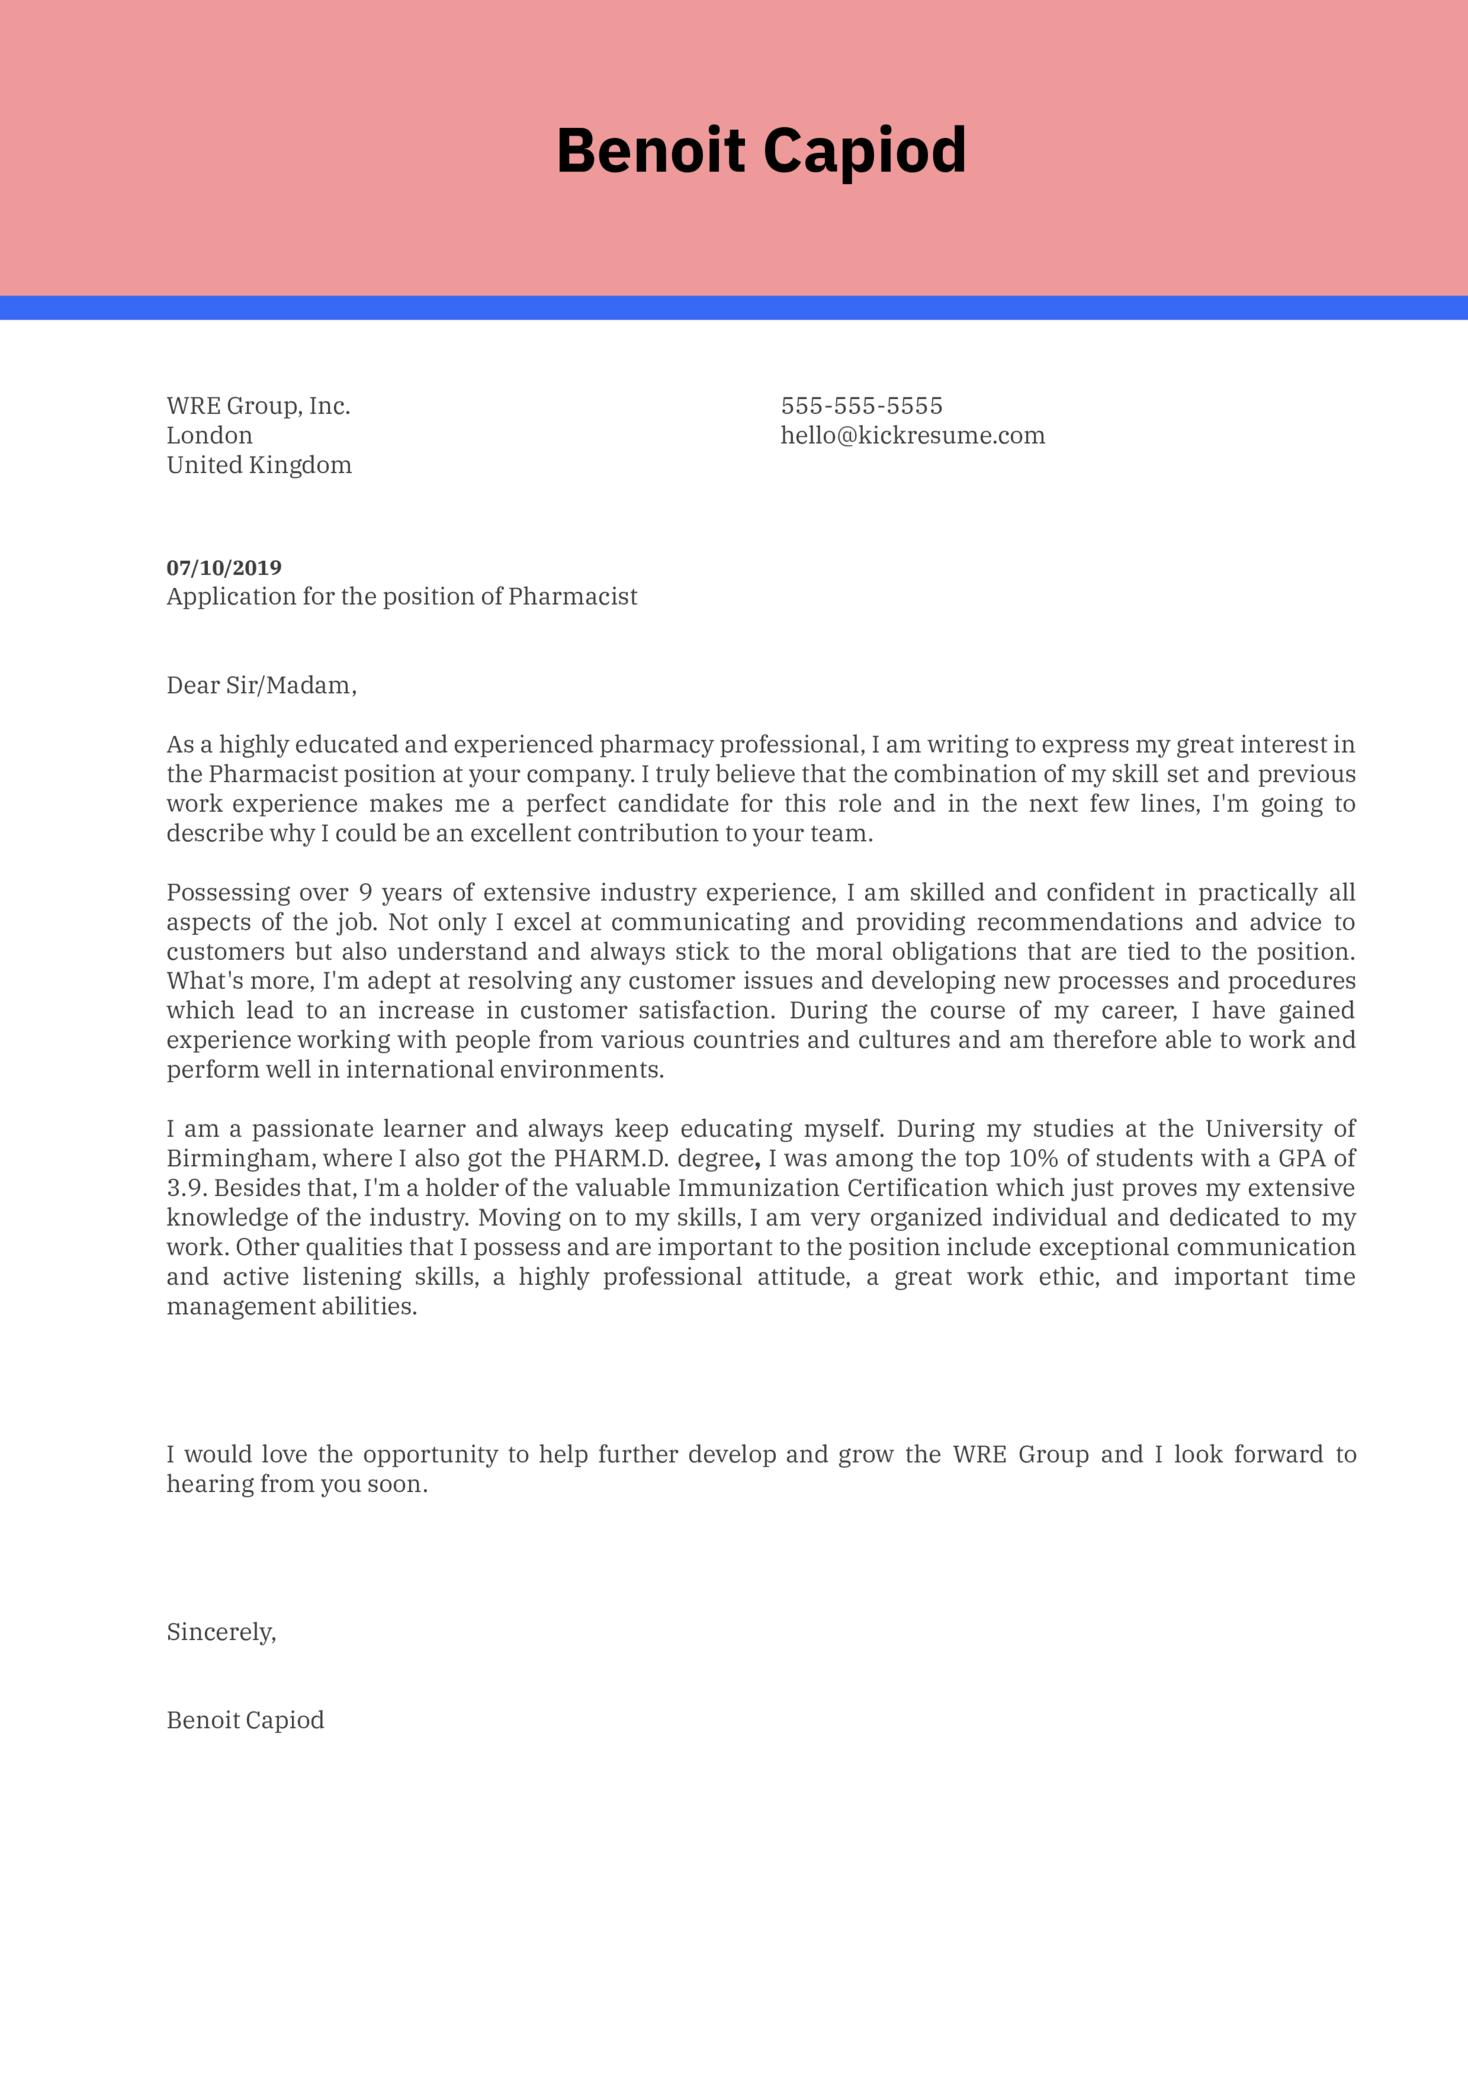 Pharmacist Cover Letter Example | Kickresume